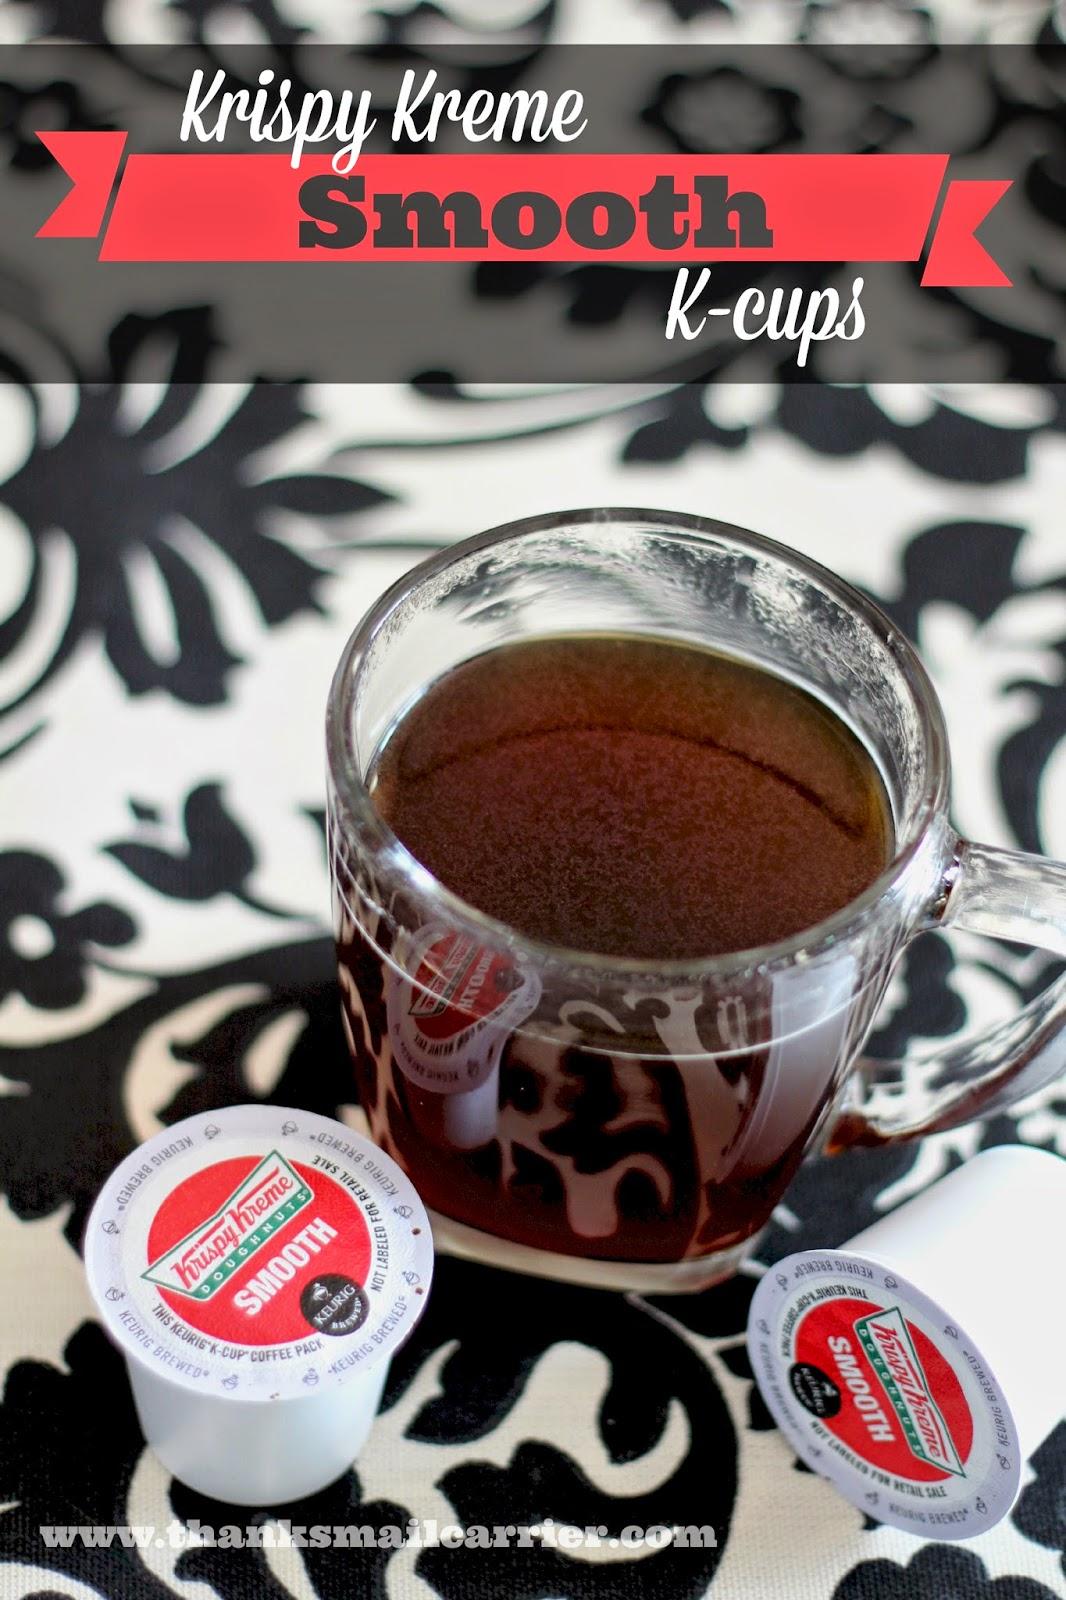 krispy kreme k-cup coffee